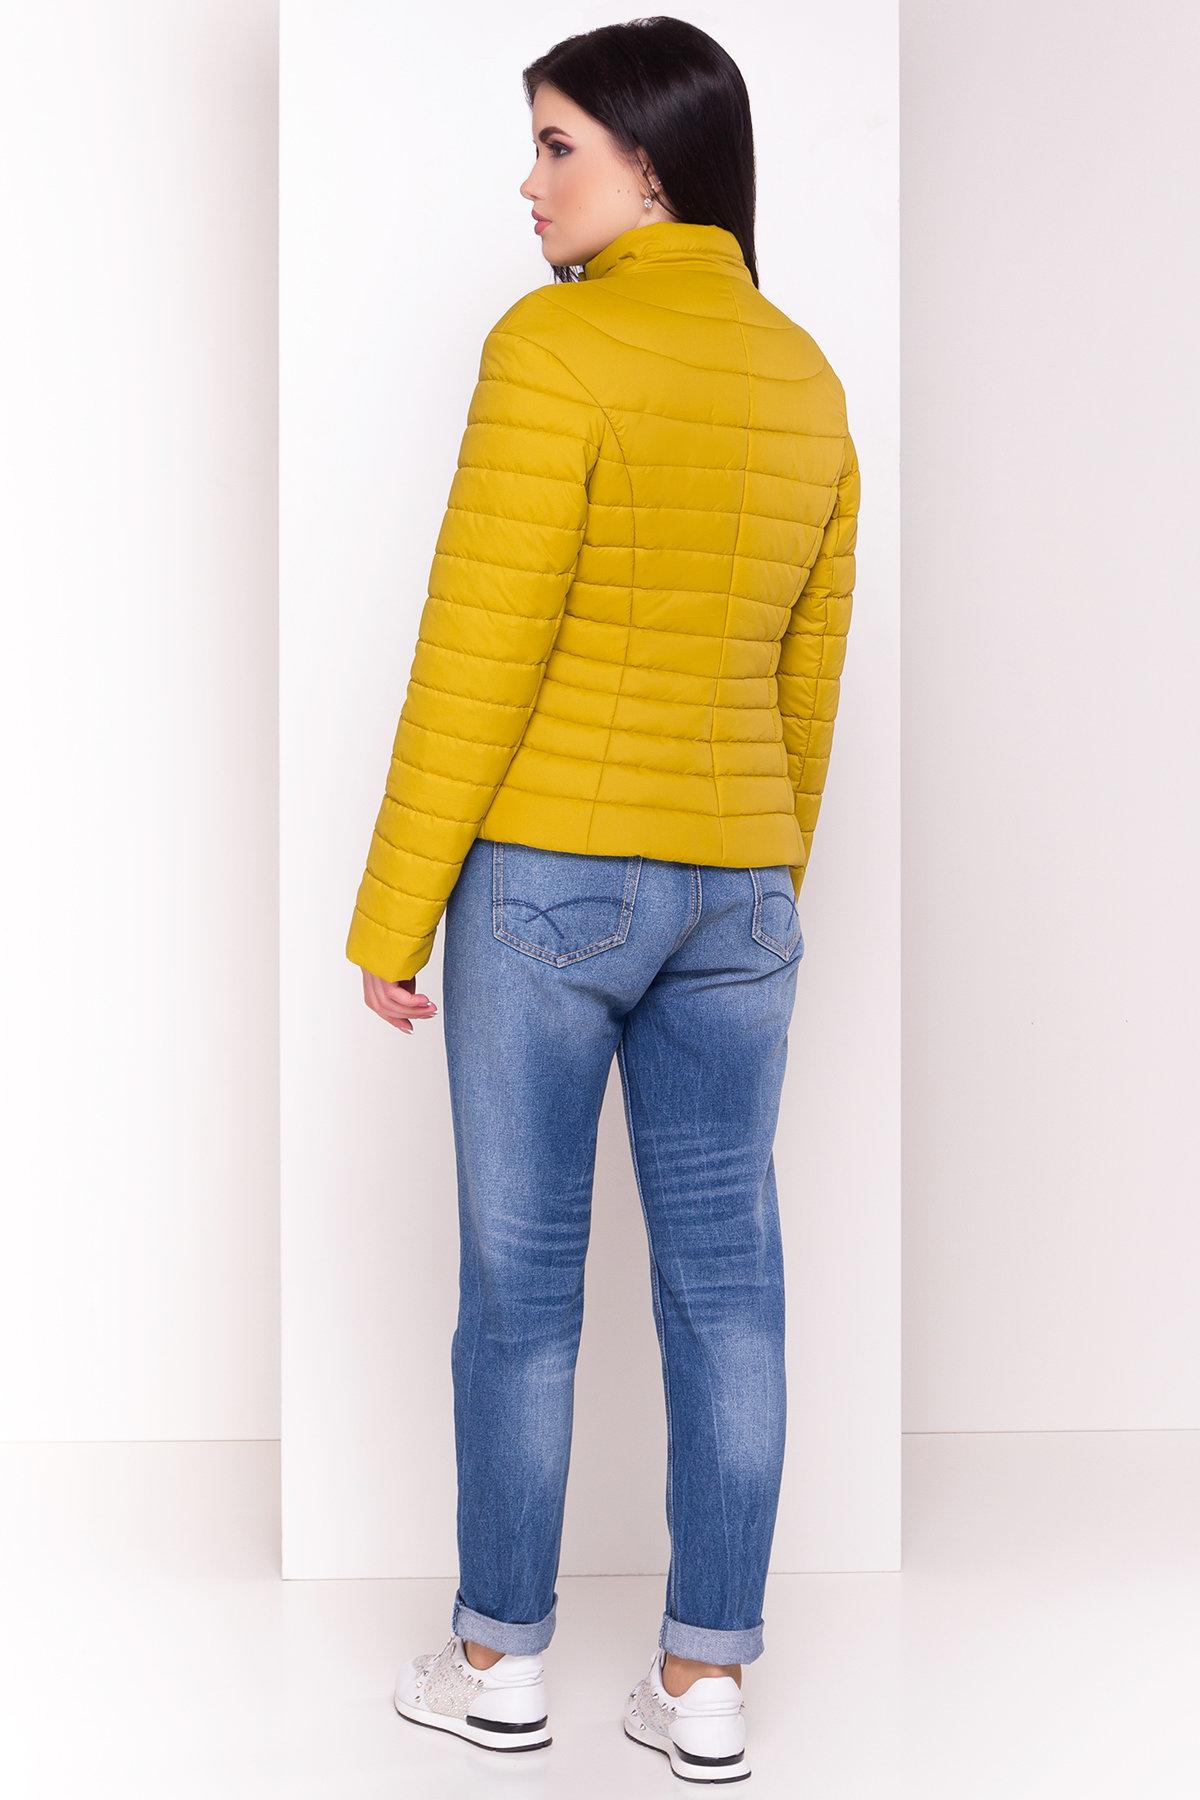 Куртка горчичный цвет Флориса 4560 Цвет: Горчица